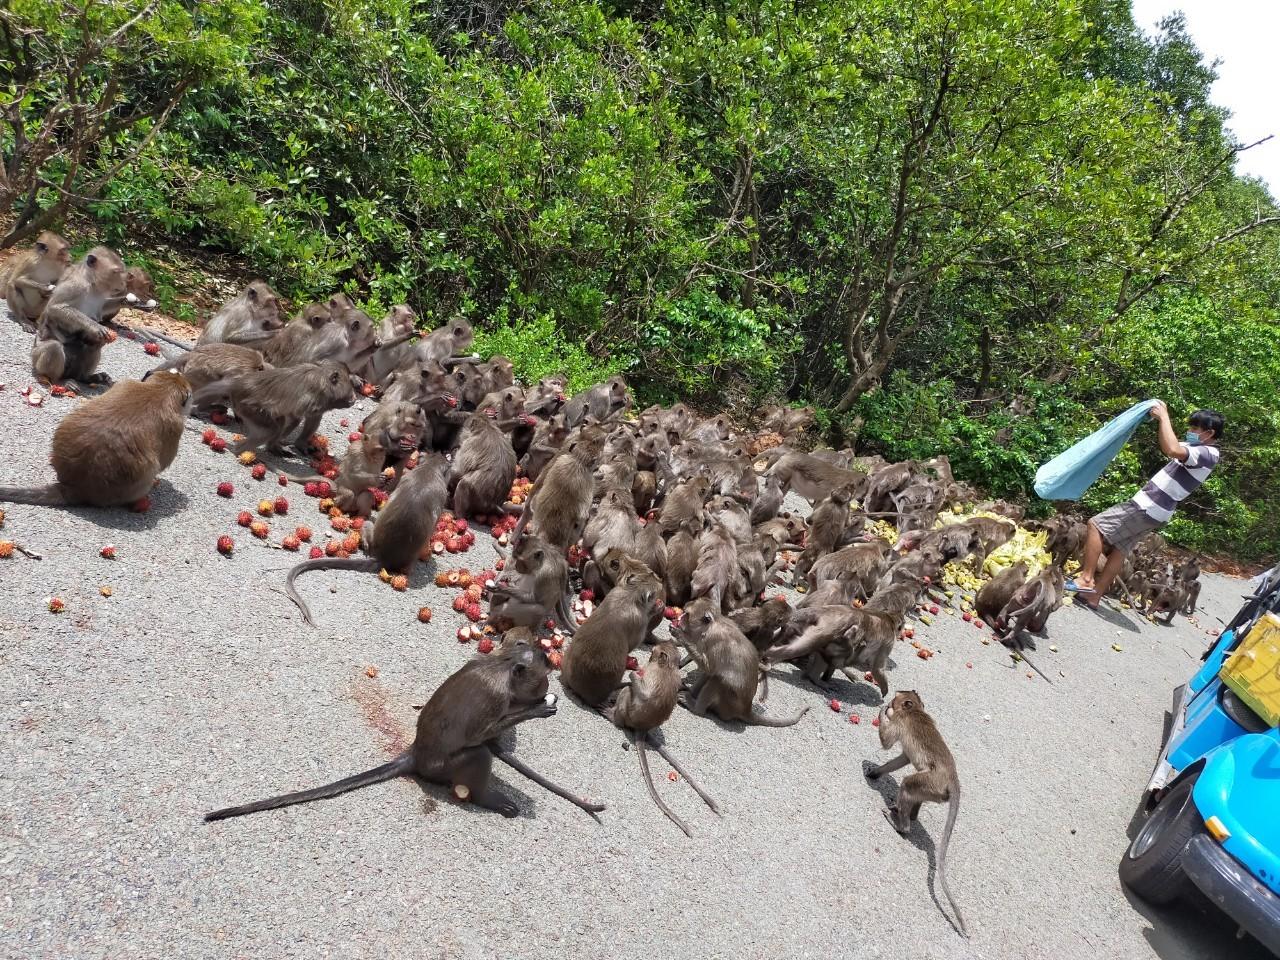 Chàng trai Sài Gòn 2 tháng miệt mài 'tiếp tế' rau củ cho đàn khỉ 1.500 con